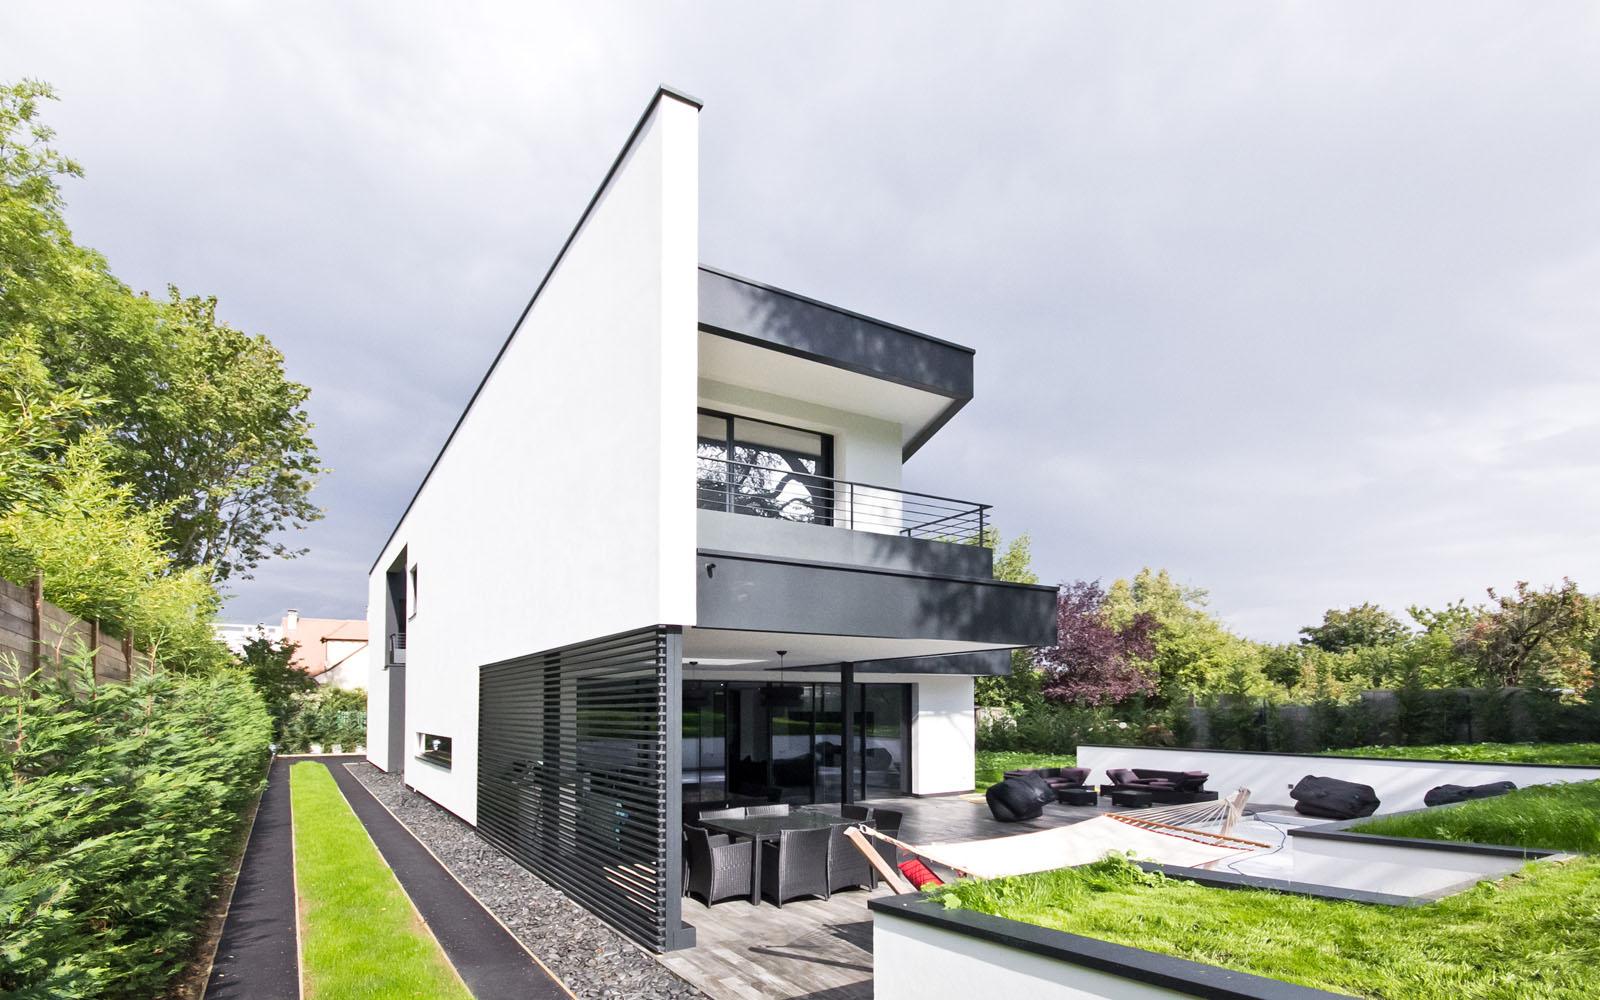 architectes levallois et paris scolaire cr ches habitat infos architecture. Black Bedroom Furniture Sets. Home Design Ideas